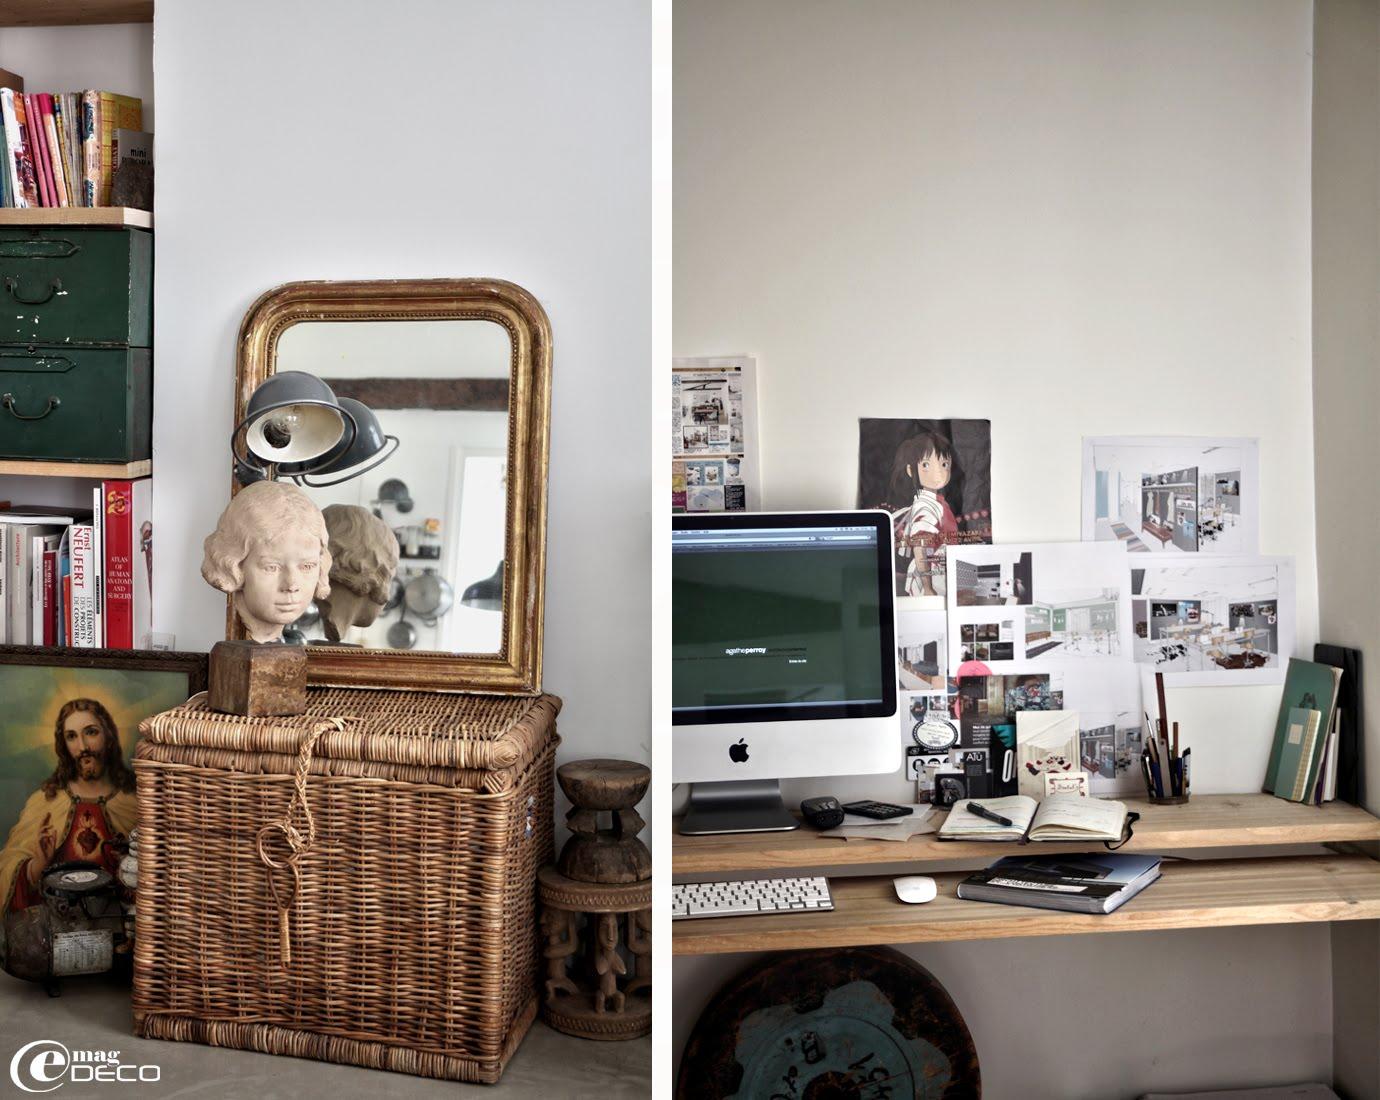 Posé sur une malle en osier Habitat, une sculpture et une lampe articulé Jieldé achetée chez Tombées du Camion